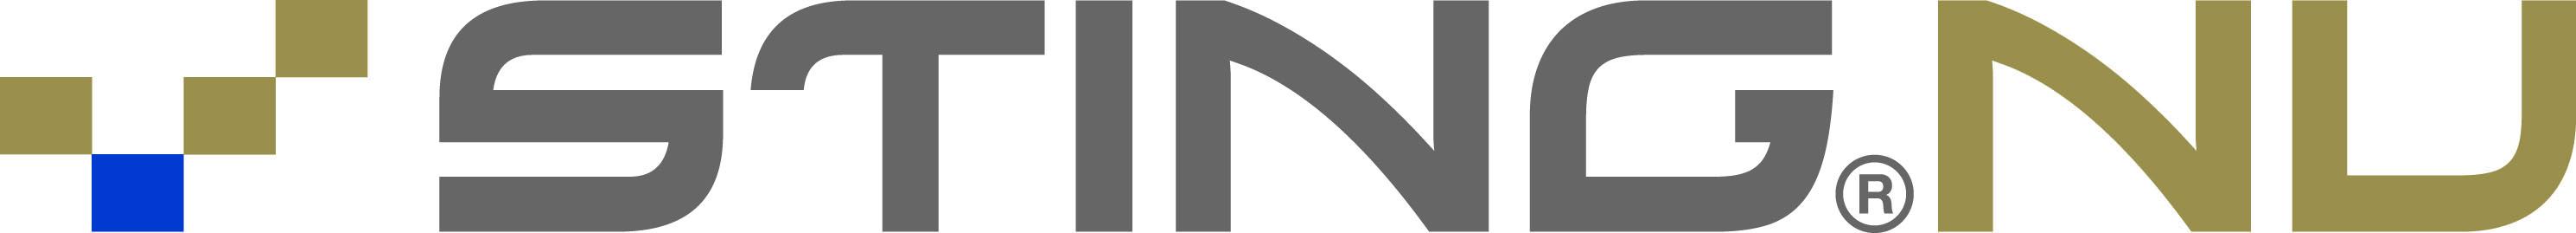 Sting - Svenska Teknikingenjörer AB Logo